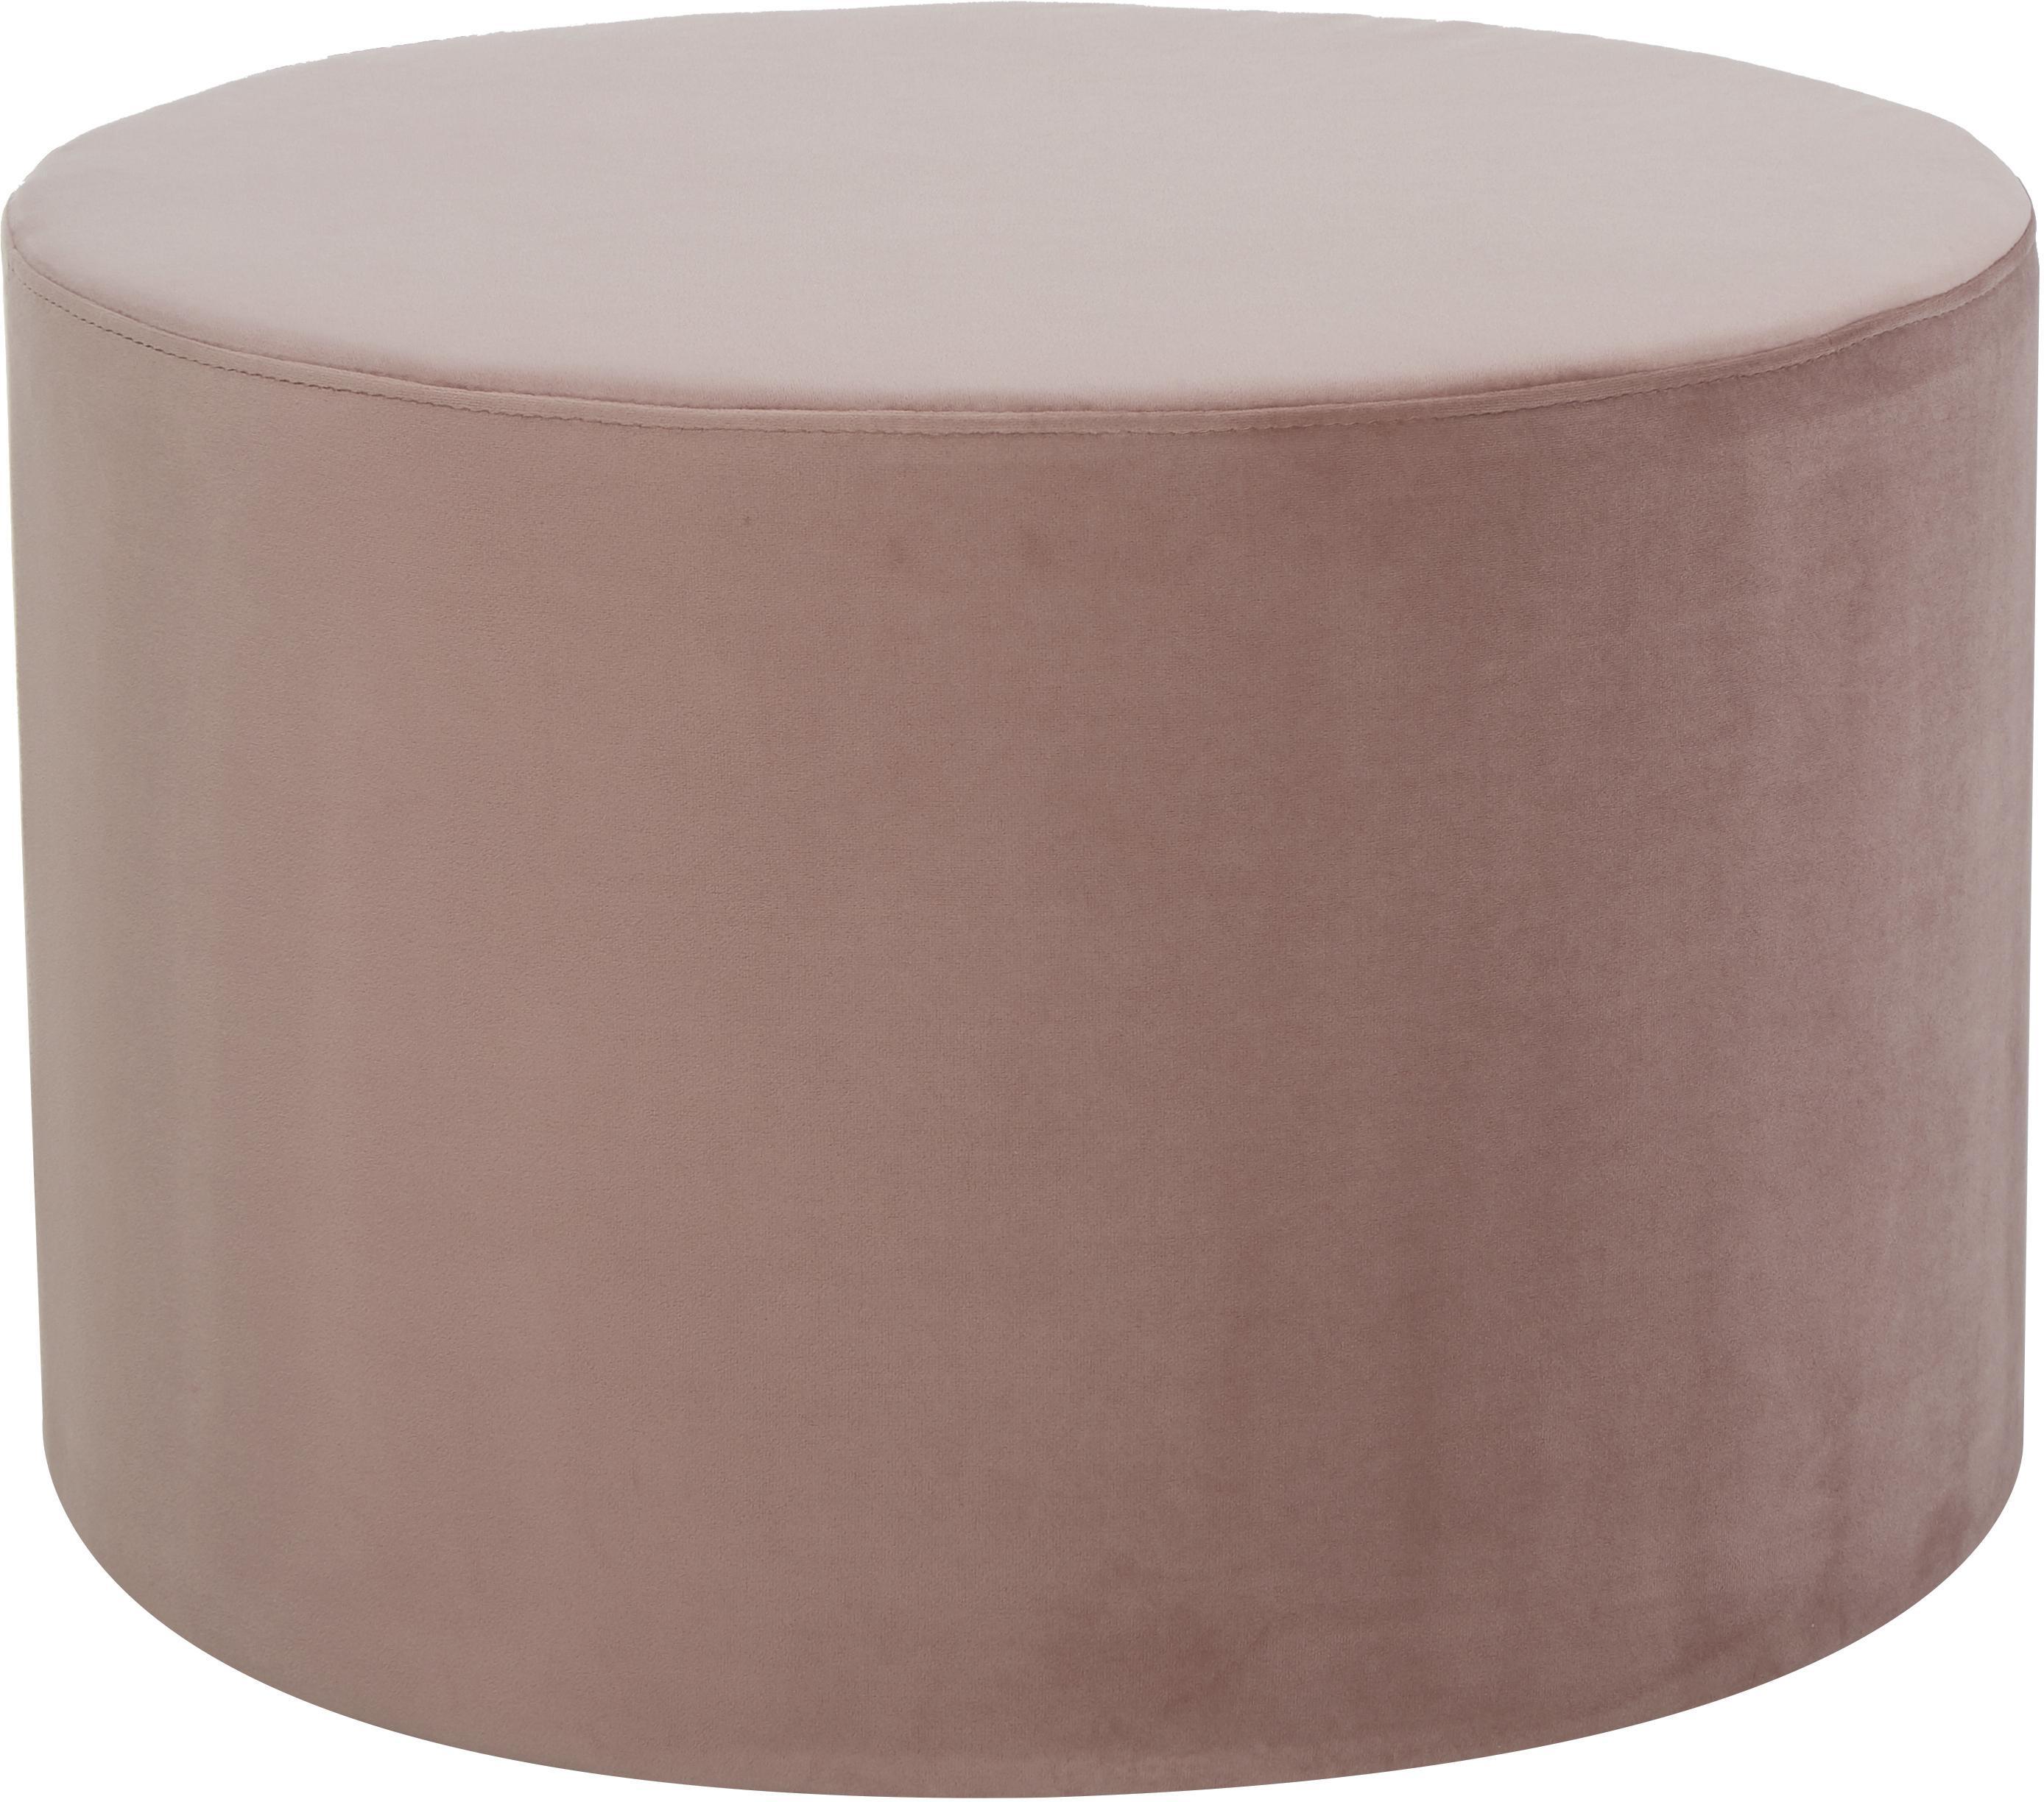 Samt-Hocker Daisy, Bezug: Samt (Polyester) Der hoch, Rahmen: Sperrholz, Samt Rosa, Ø 54 x H 40 cm